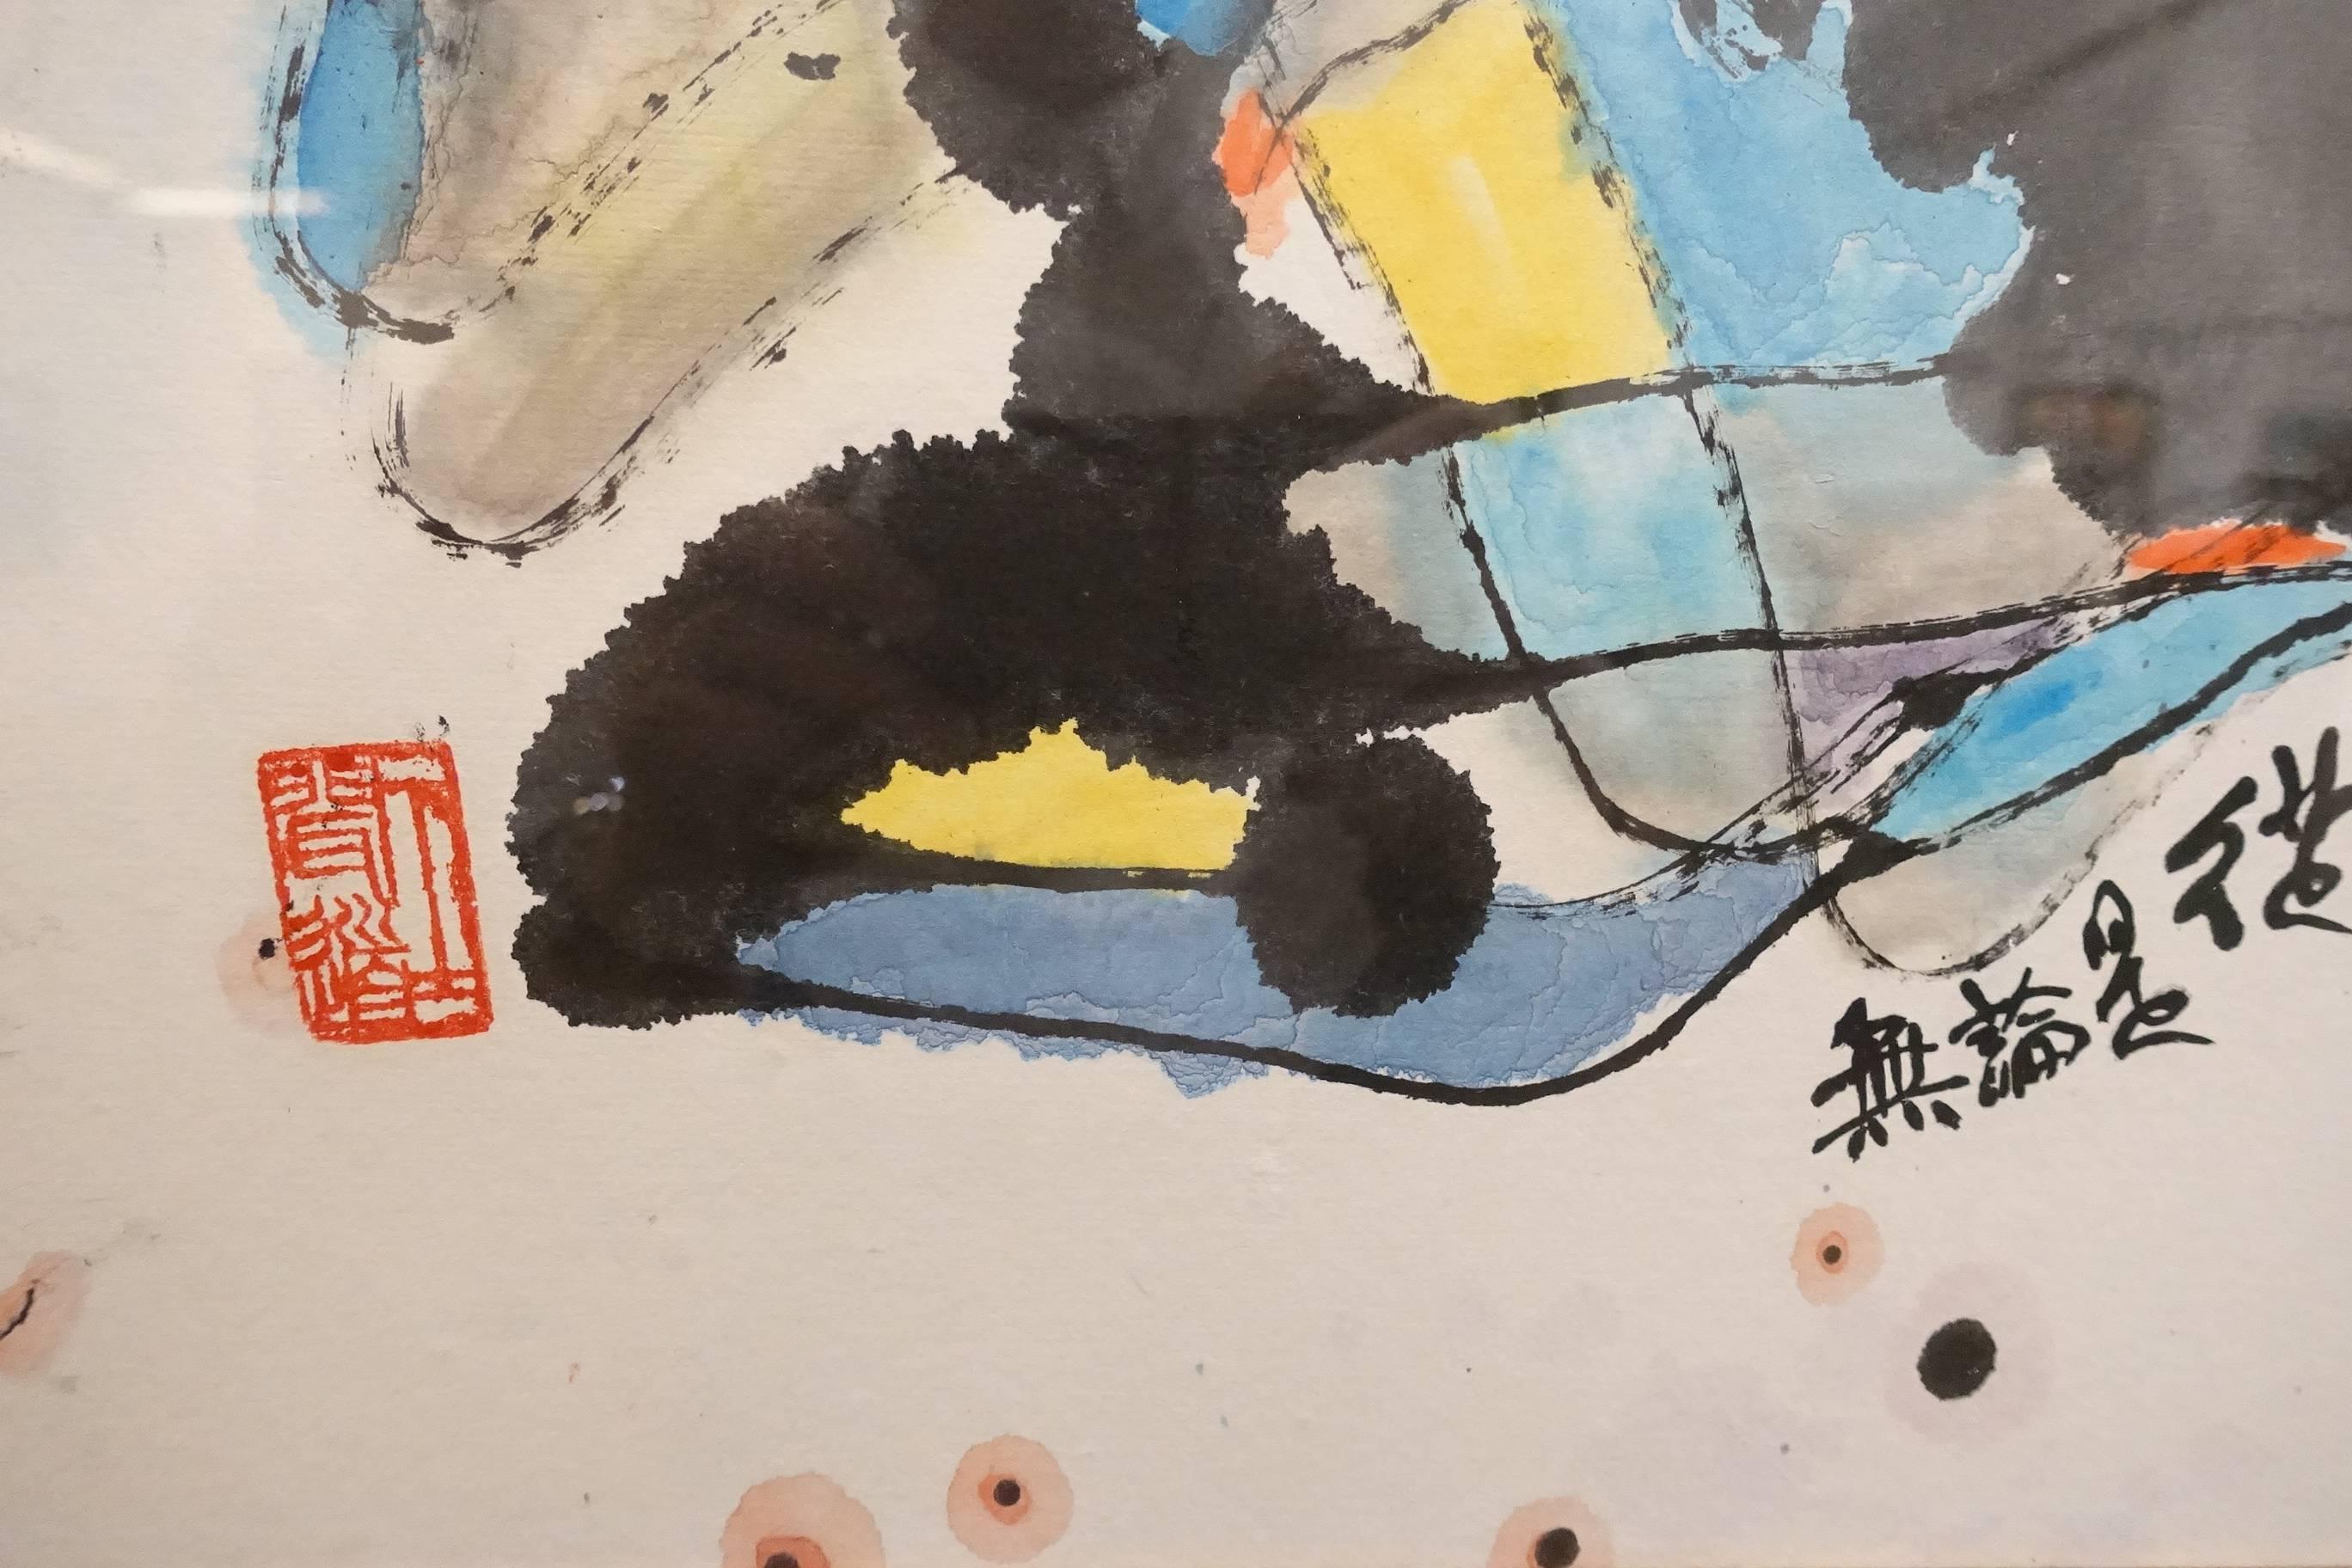 楚戈作品《瞬間的臉》局部。